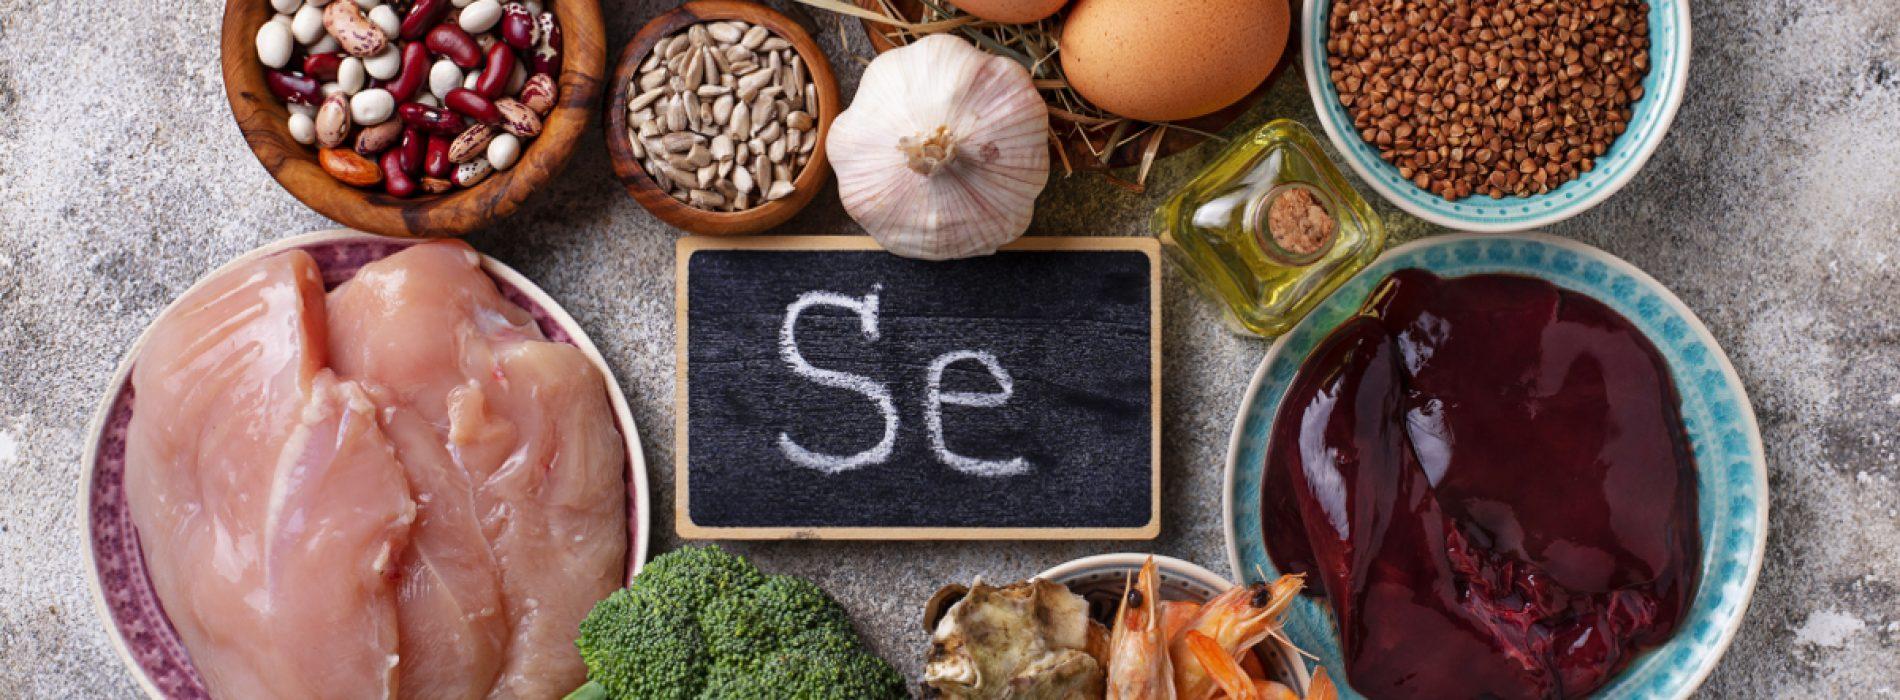 Selenium biedt minstens 4 INDRUKWEKKENDE gezondheidsvoordelen – hier is hoeveel u nodig heeft in uw dieet